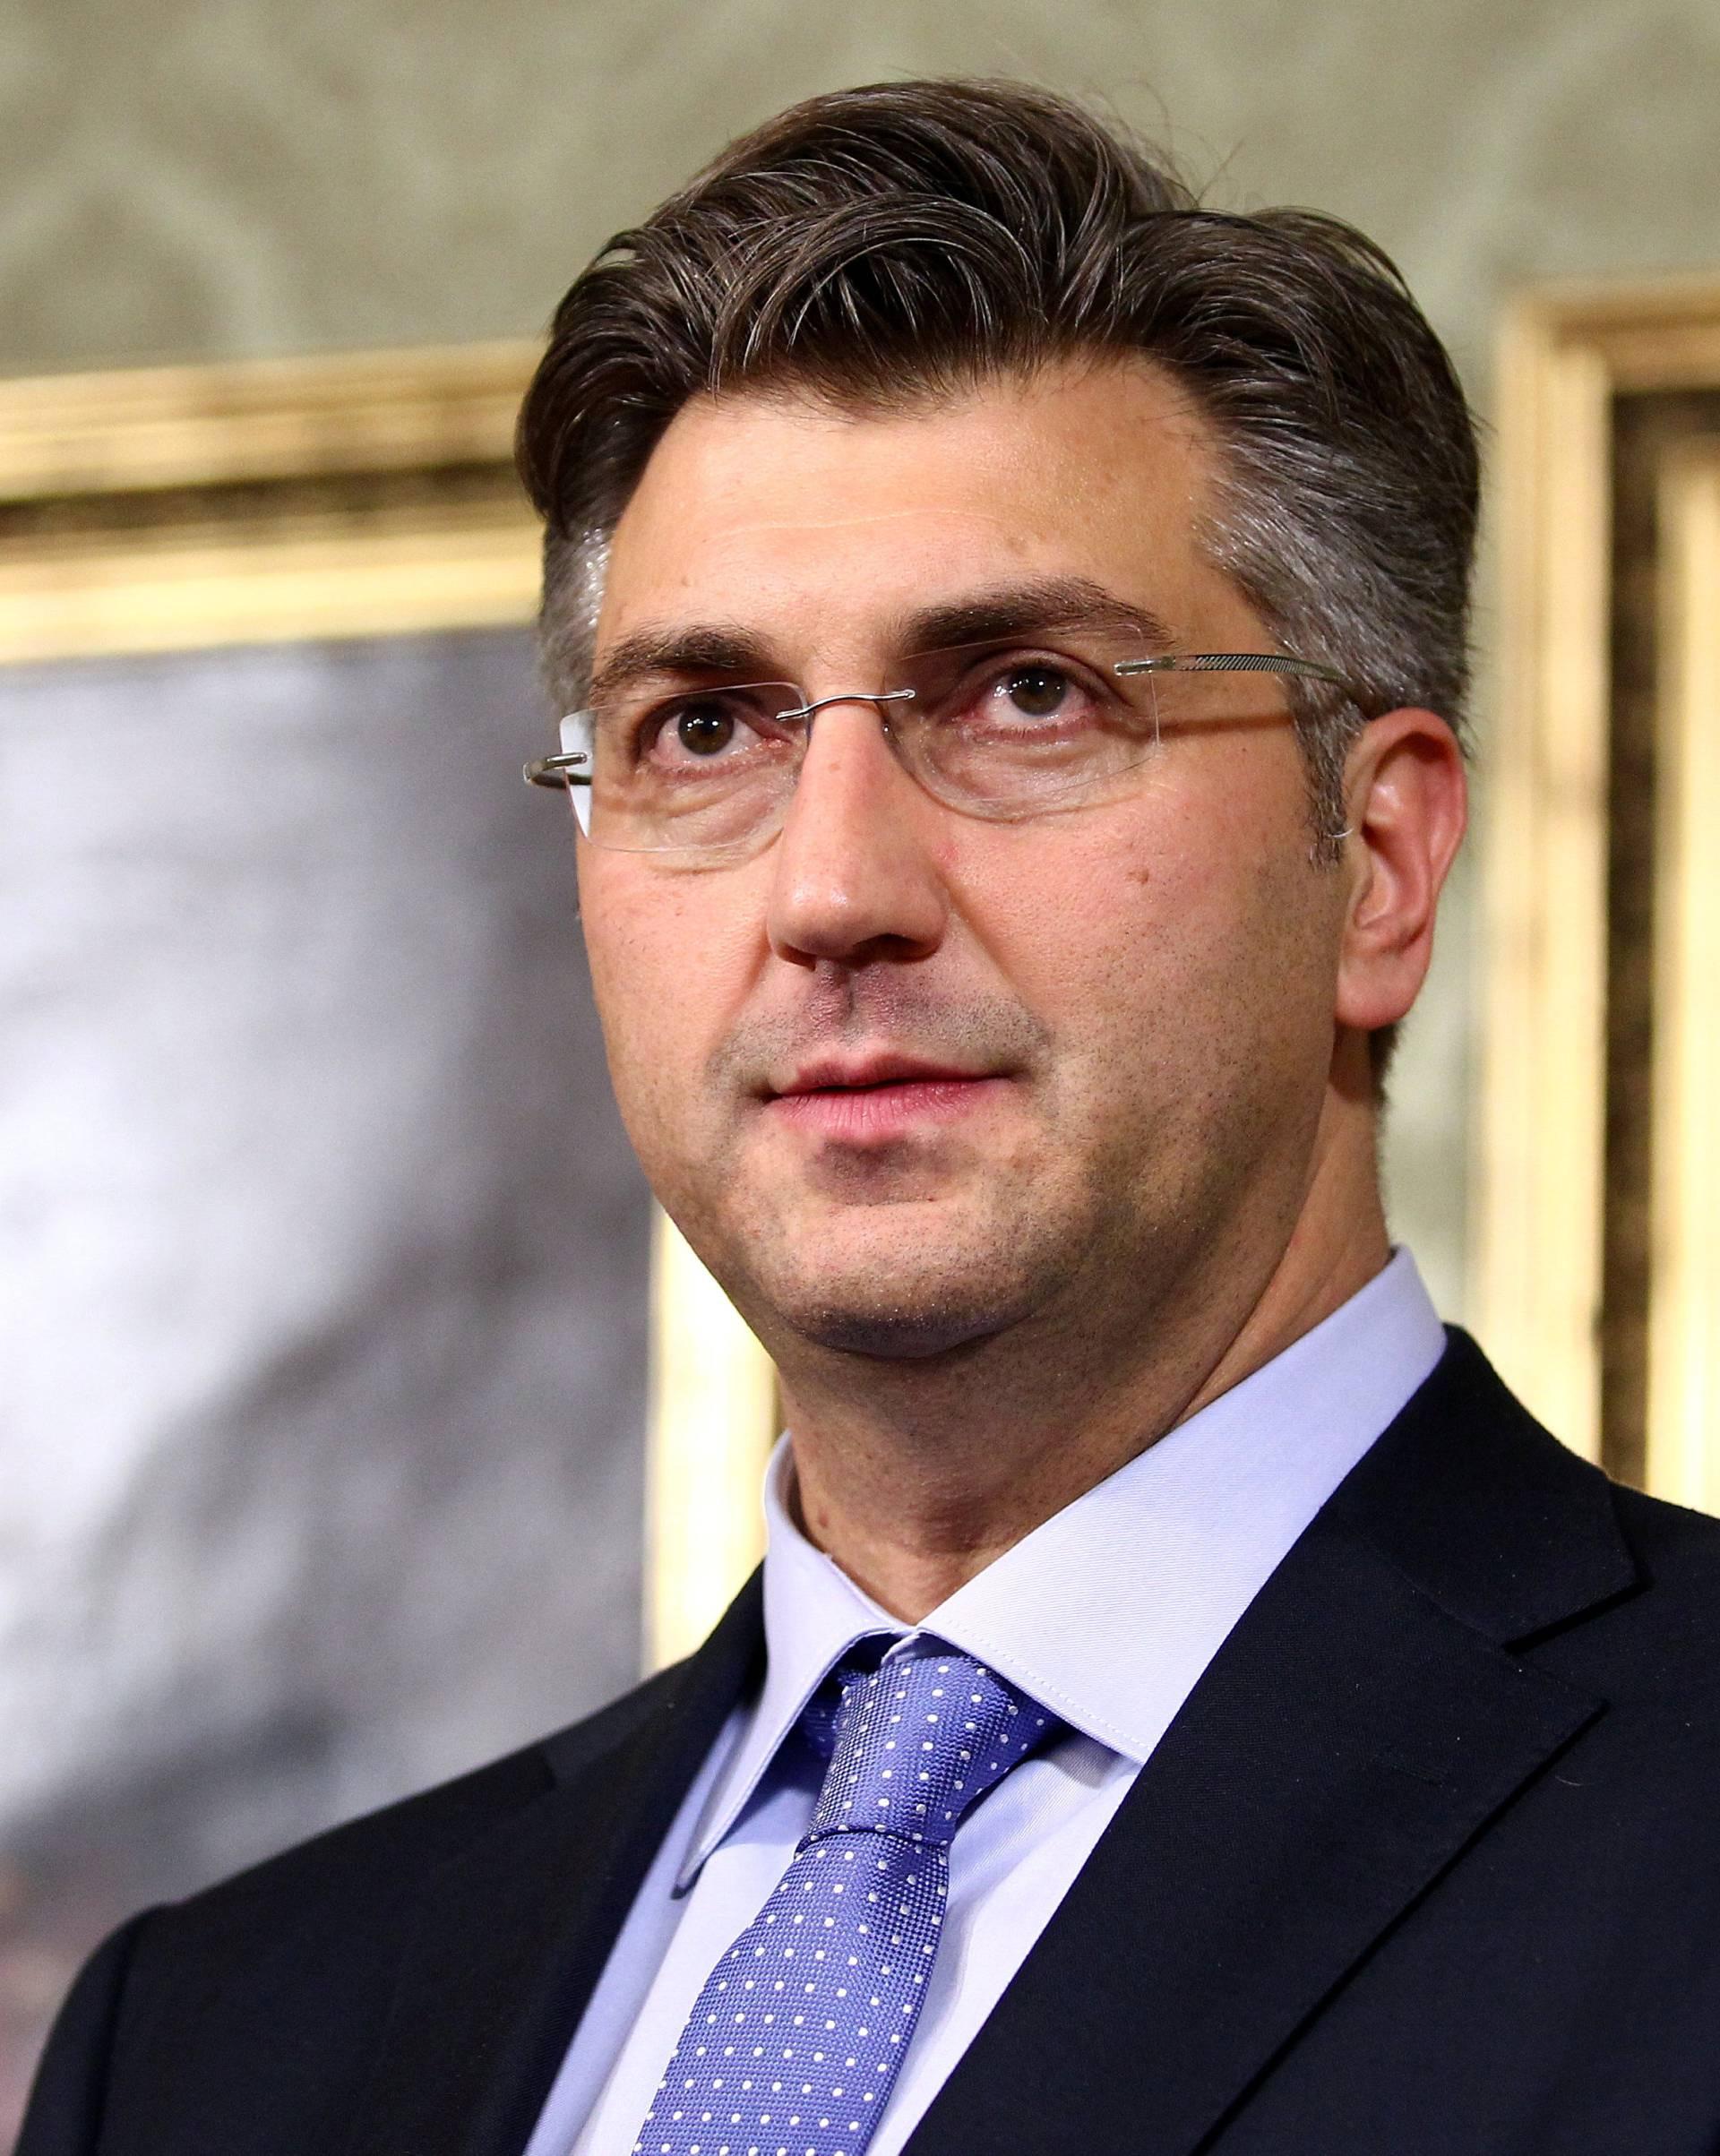 Croatia's new Prime Minister Andrej Plenkovic speaks in government buillding in Zagreb